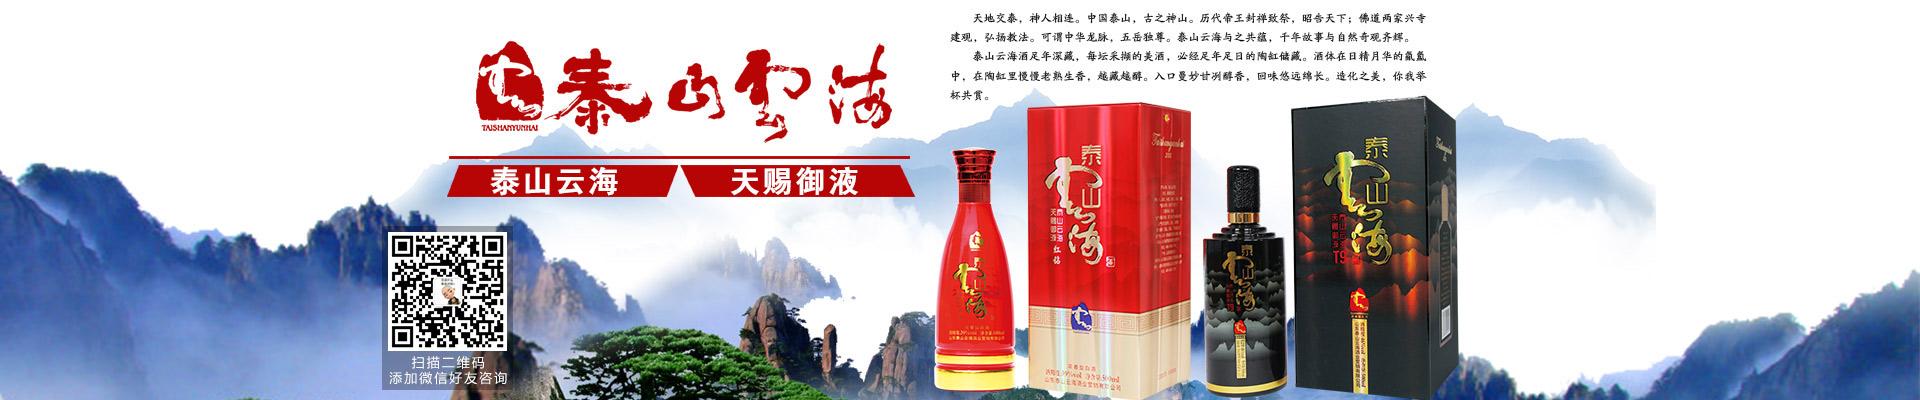 山东泰山云海酒业营销有限公司